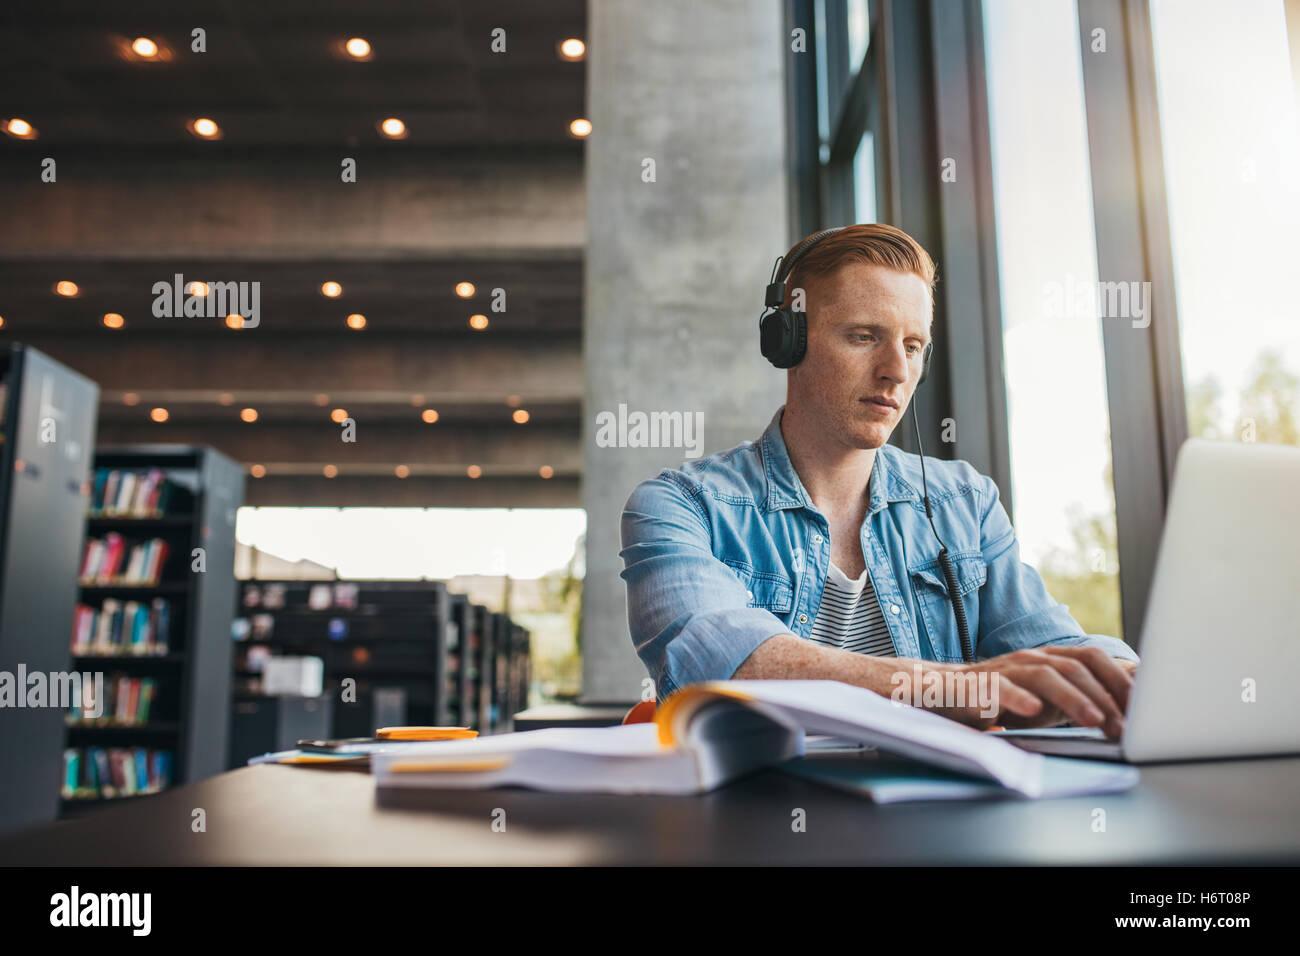 Jeune étudiant avec un casque d'étudier sur l'ordinateur portable. Handsome man assis au bureau Photo Stock